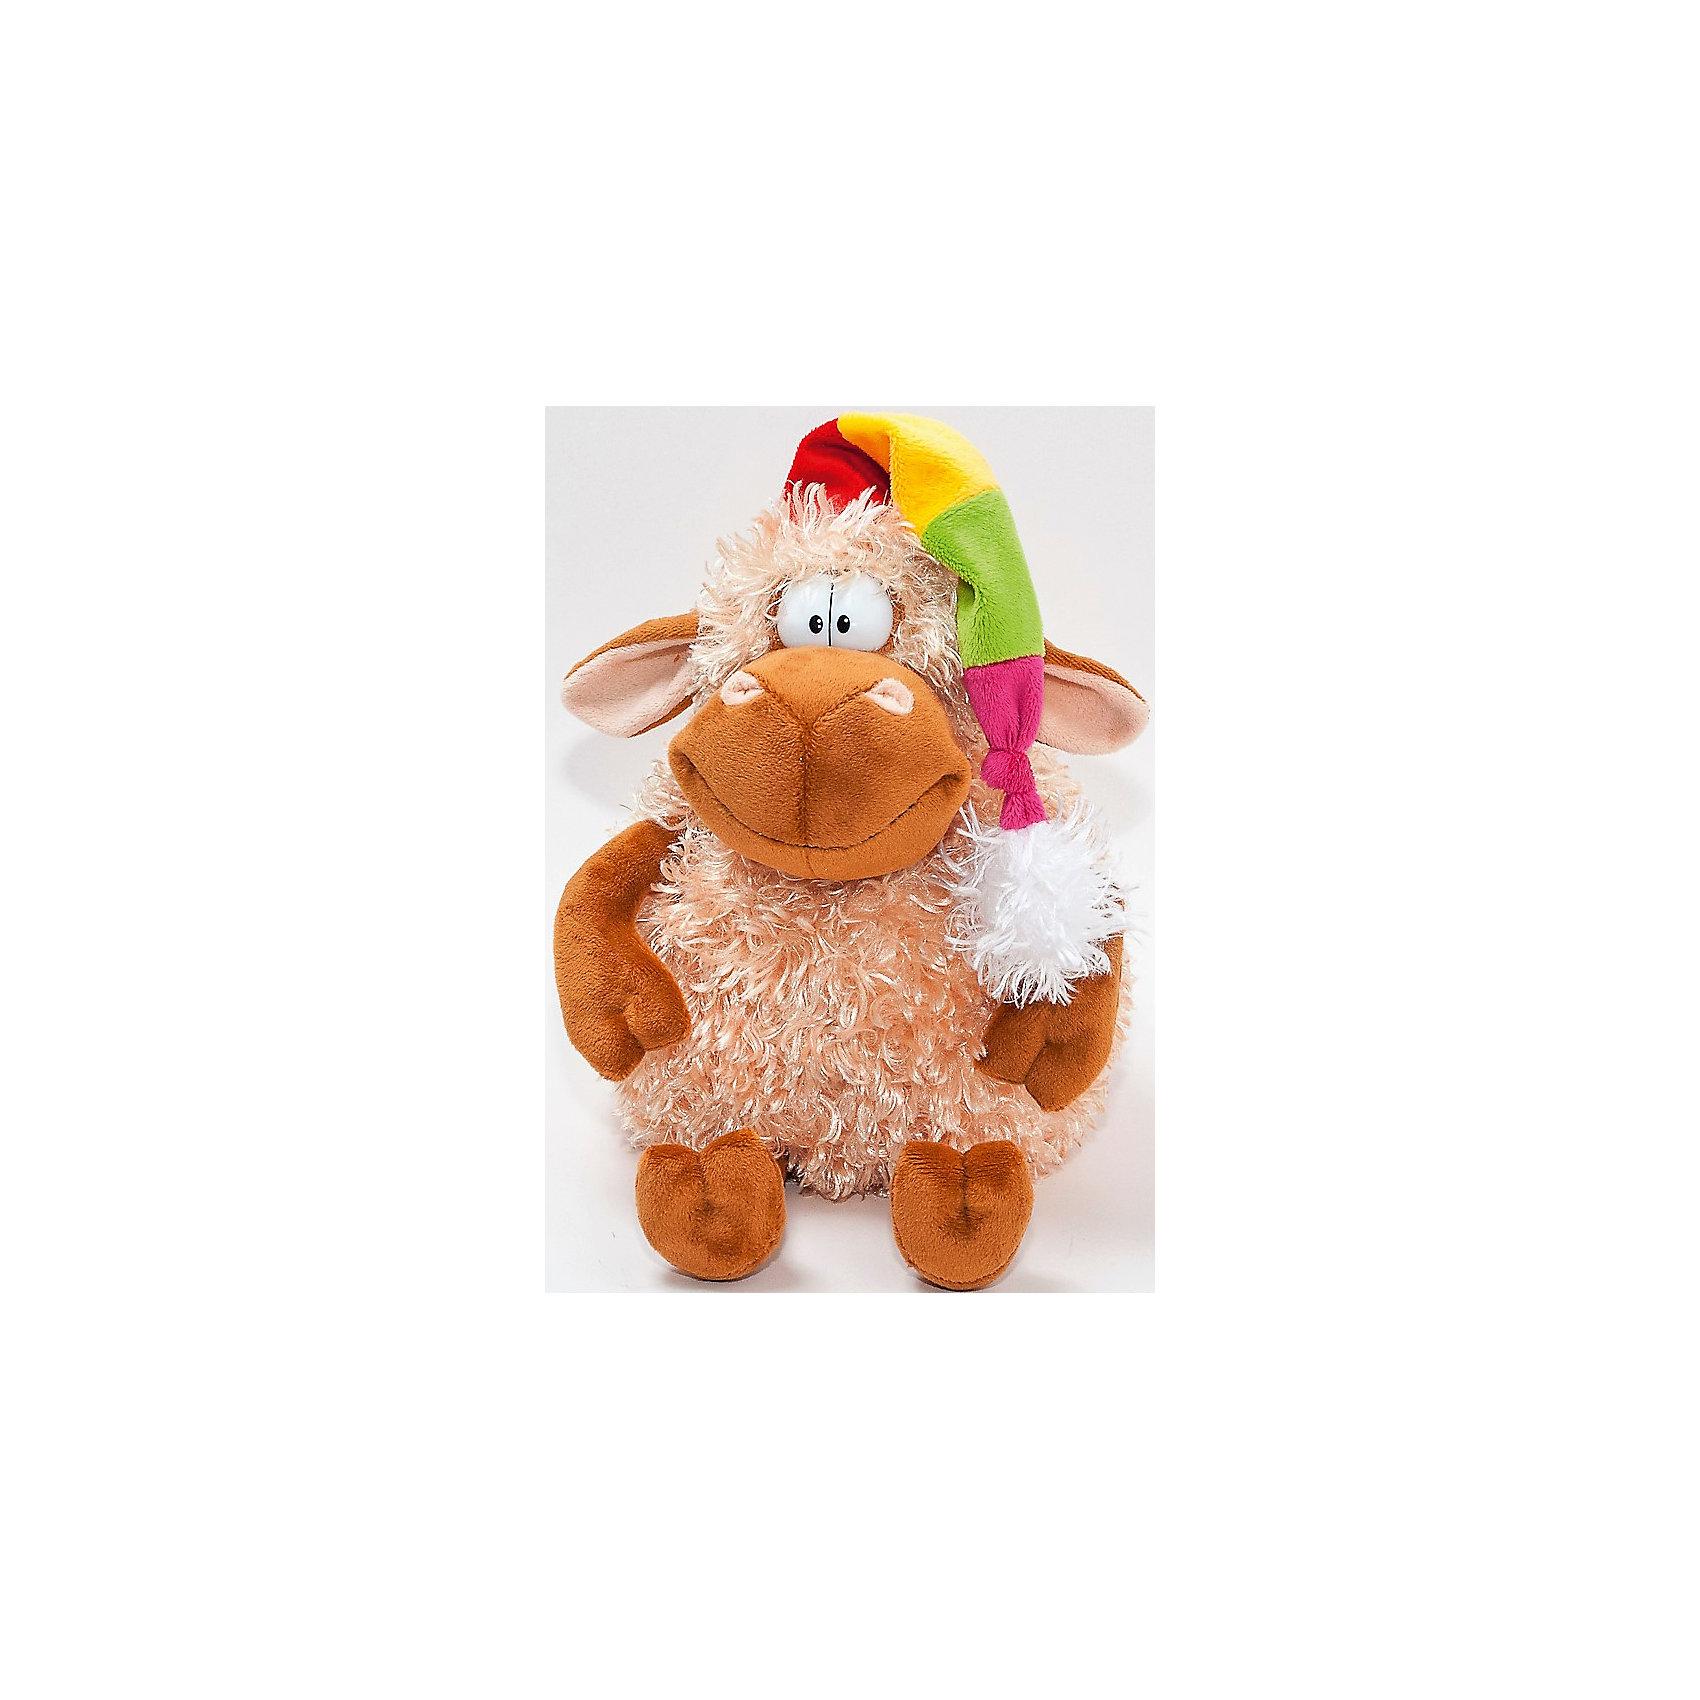 Мягкая игрушка Барашек Голди, FancyЗвери и птицы<br>Характеристики:<br><br>• высота игрушки: 22 см;<br>• тип игрушки: мягконабивная;<br>• материал: текстиль, синтетический наполнитель. <br><br>Мягкая игрушка барашек Голди в ярком колпачке находится в положении «сидя». Барашек мягконабивной, приятный на ощупь, изготовлен из качественных материалов. Улыбчивая мордашка барашка вызывает умиление. <br><br>Мягкую игрушку Барашек Голди, Fancy можно купить в нашем магазине.<br><br>Ширина мм: 180<br>Глубина мм: 210<br>Высота мм: 220<br>Вес г: 165<br>Возраст от месяцев: 36<br>Возраст до месяцев: 2147483647<br>Пол: Унисекс<br>Возраст: Детский<br>SKU: 5268992